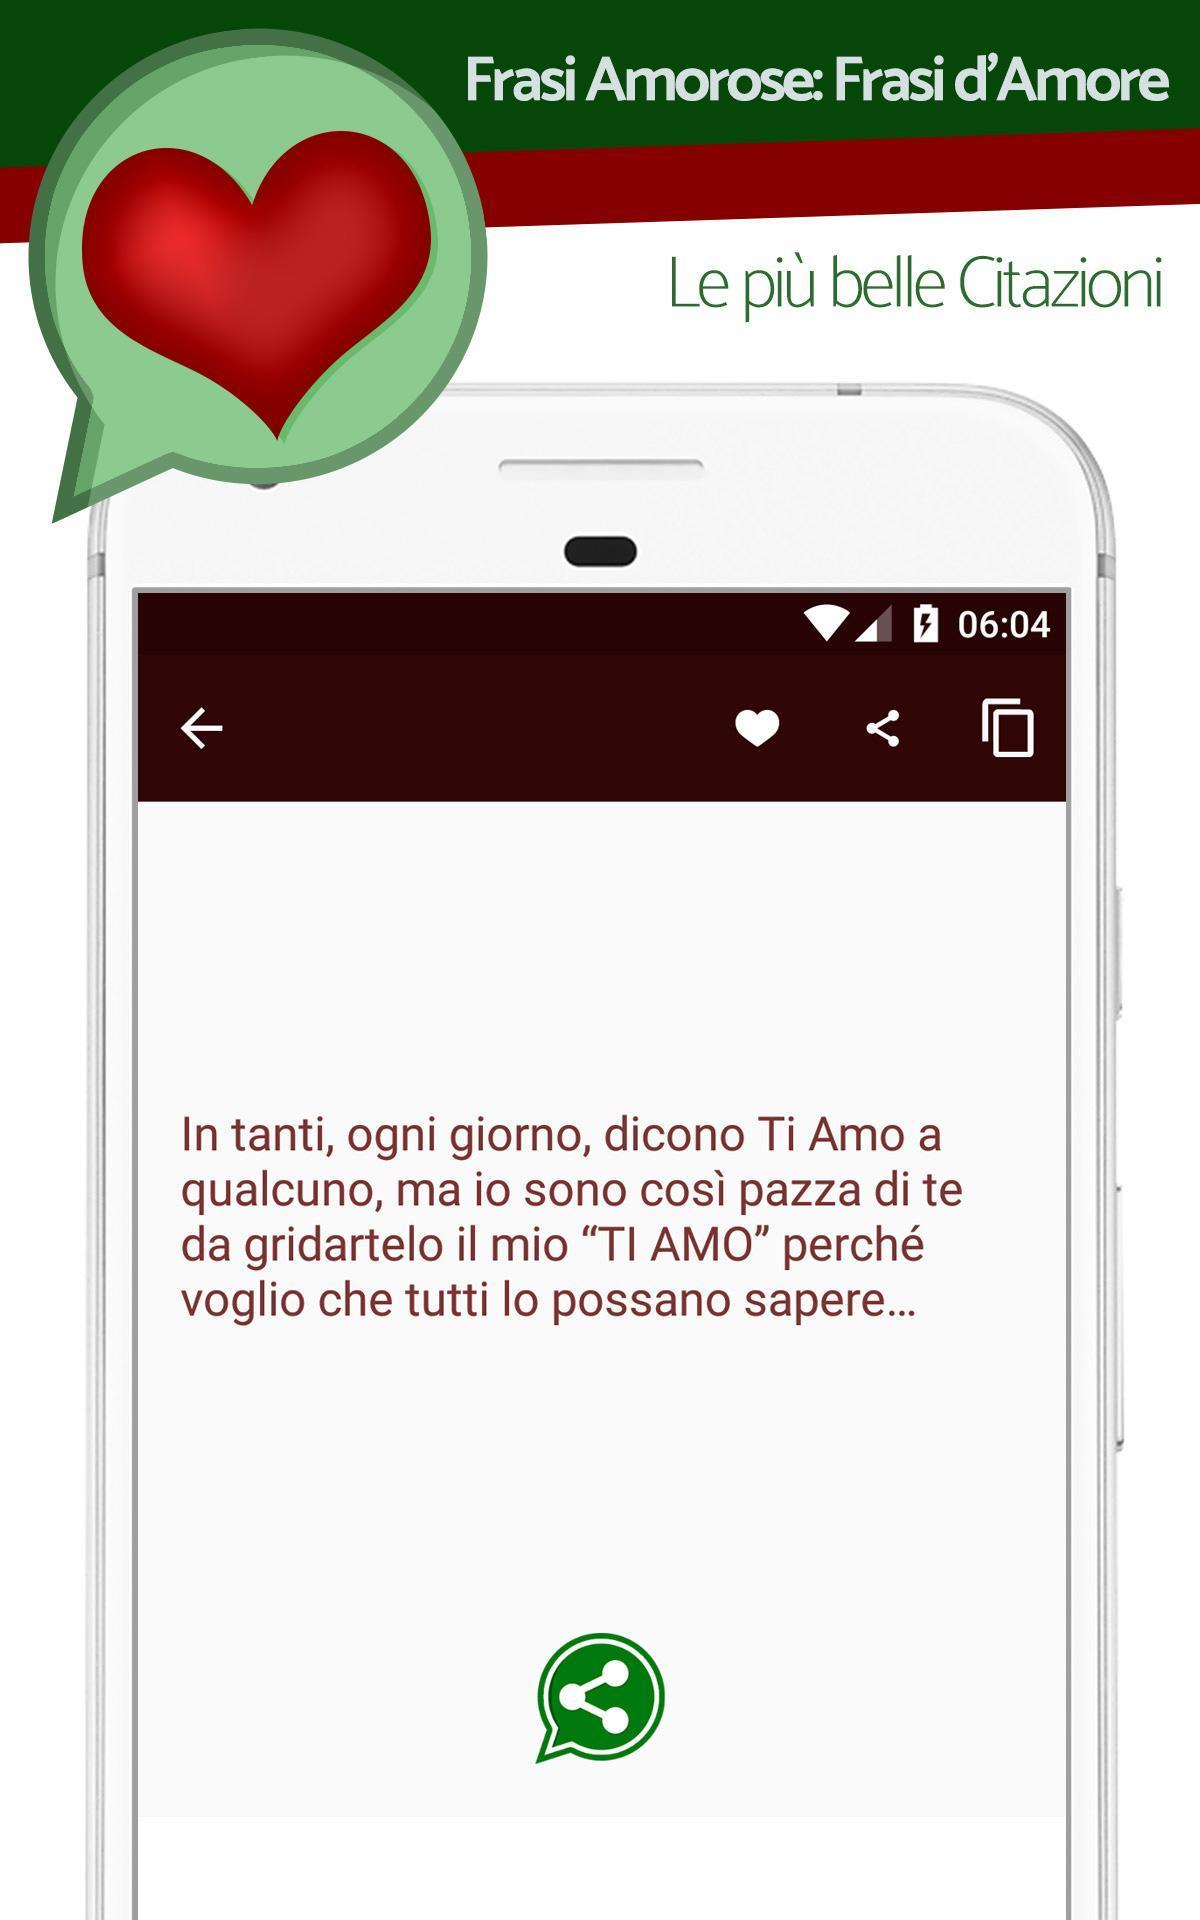 Immagini Di Frasi Amore.Frasi Amore For Android Apk Download